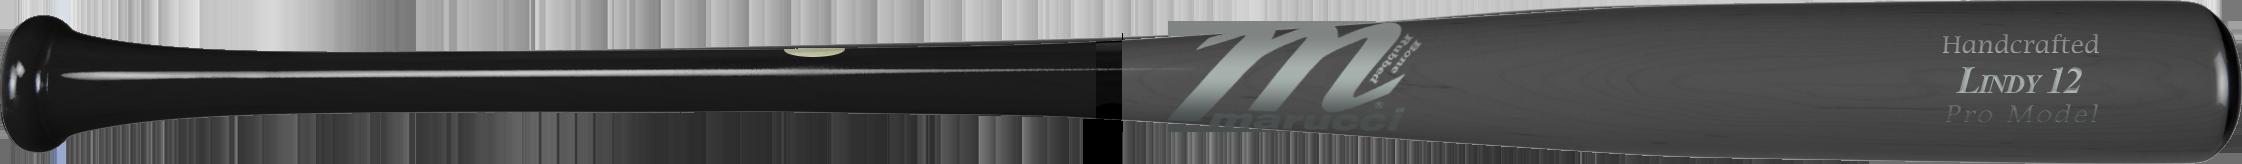 marucci-lindy12-maple-pro-wood-baseball-bat-33-inch MVE2LINDY12-BKSM-33 Marucci 840058700527 Knob Slightly Flared. Handle Thin. Barrel Medium. Feel Balanced. Handcrafted from